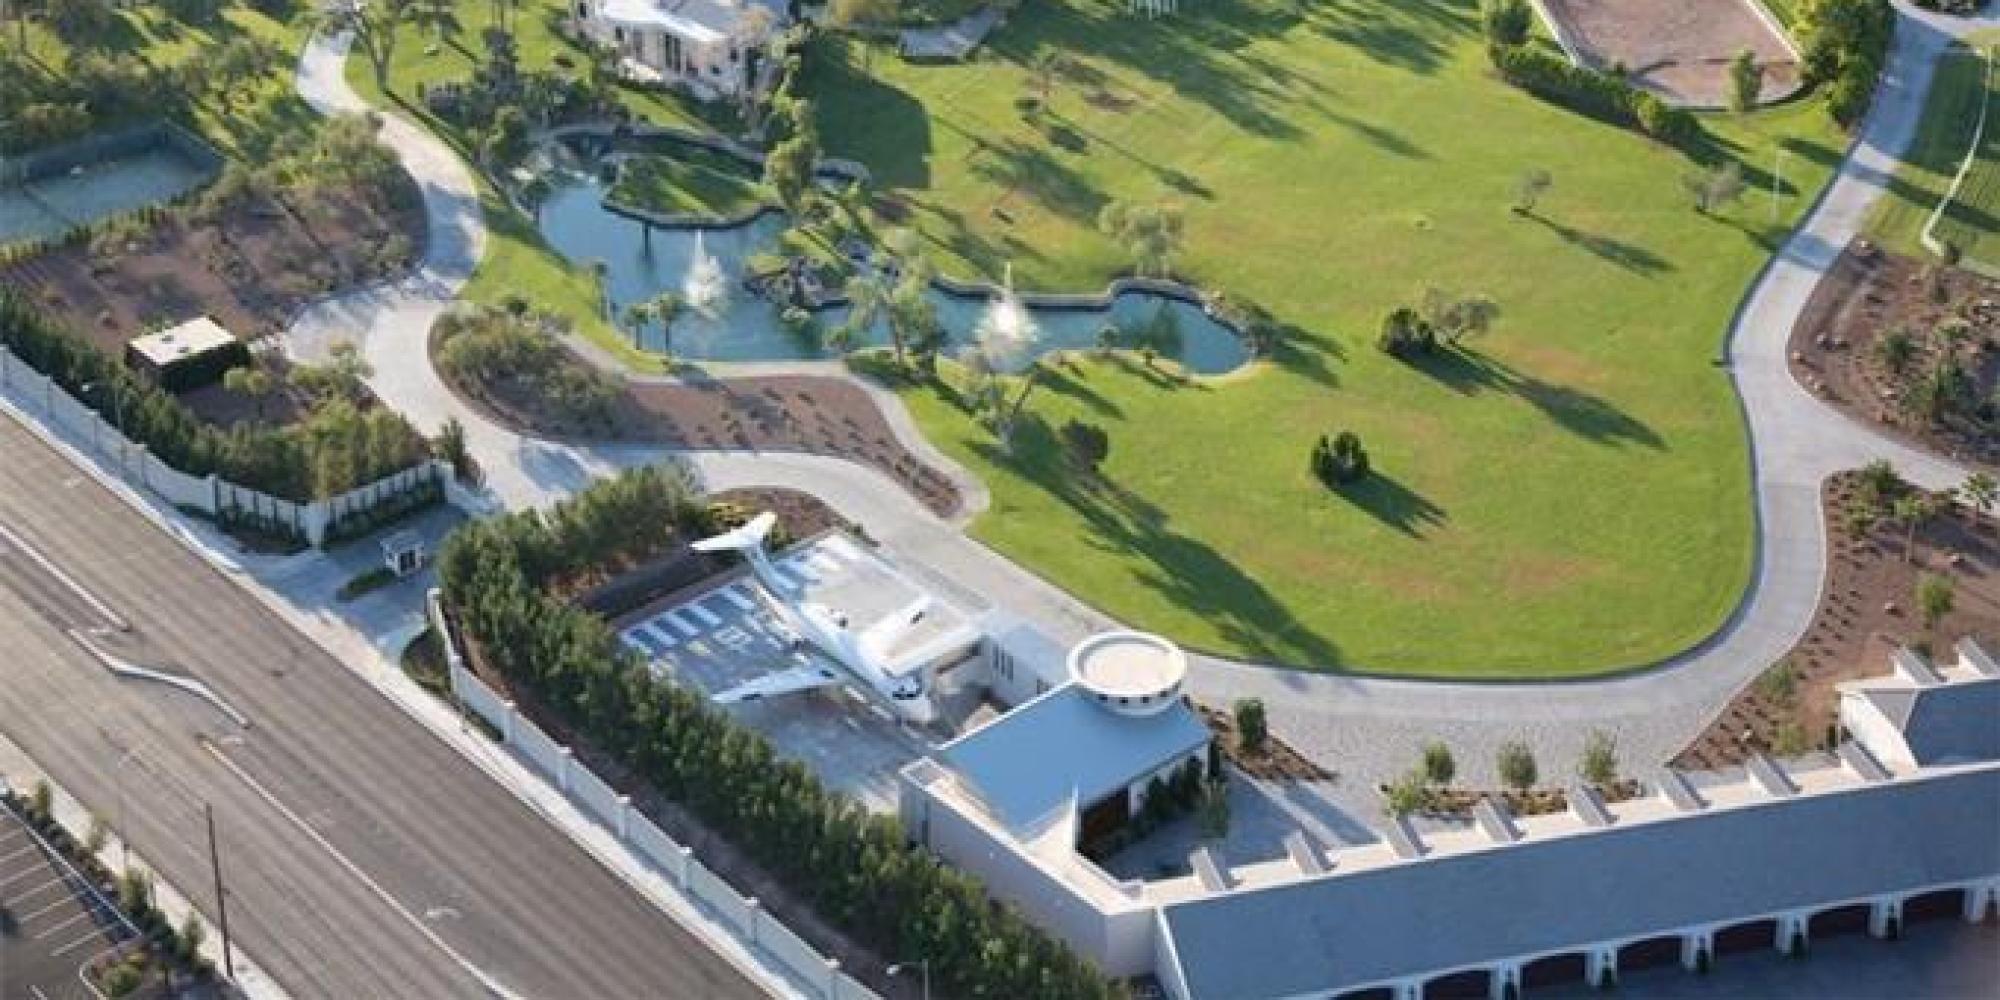 Shenandoah la casa con aeroporto e jet privati in vendita for Case in vendita a budoni da privati